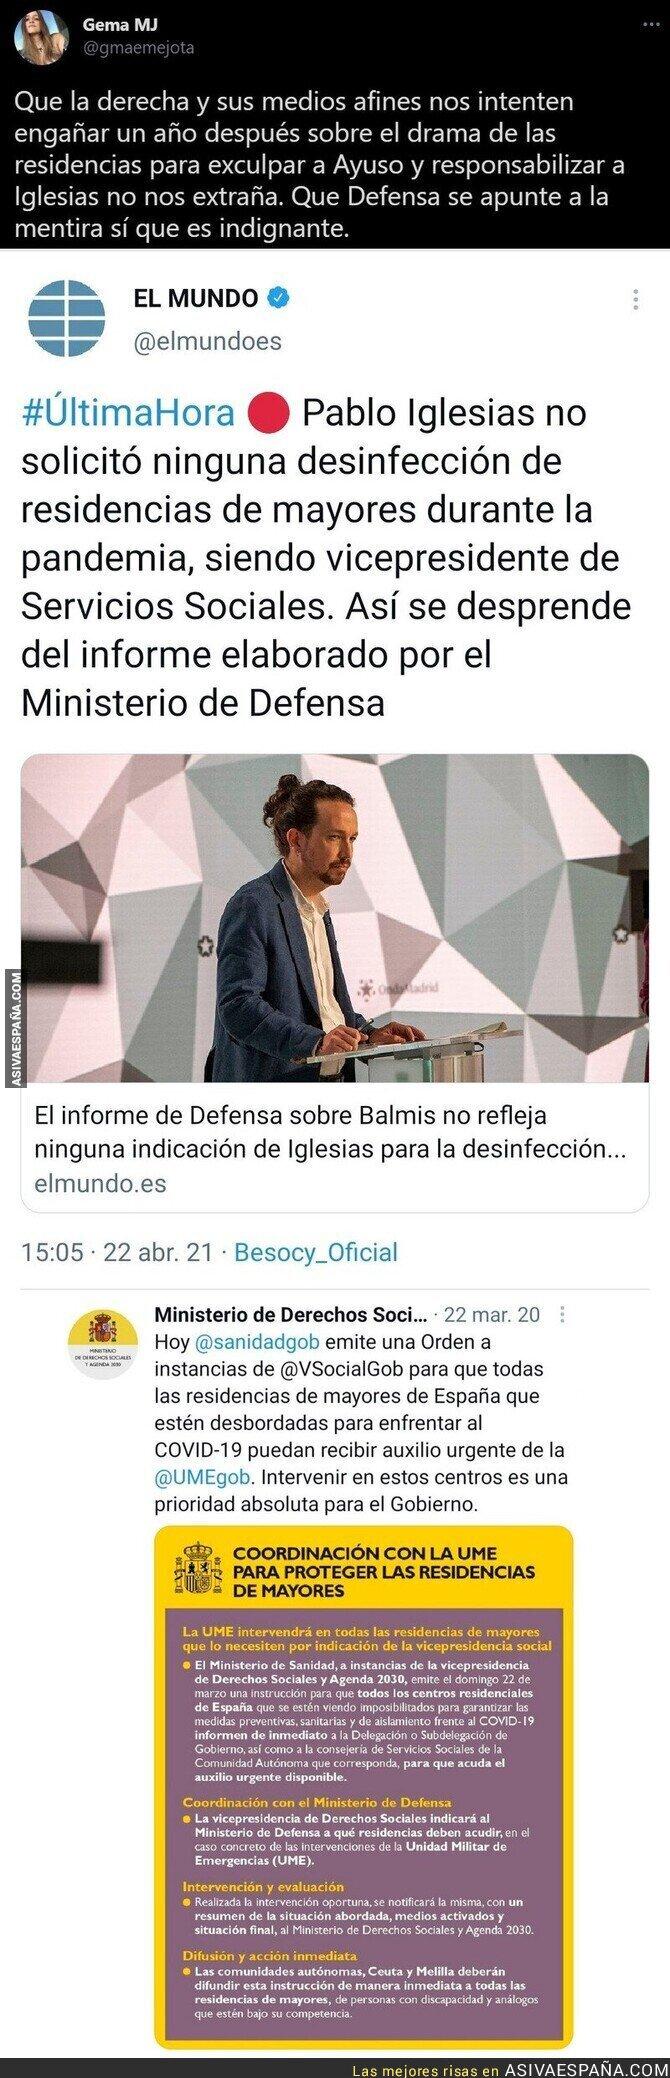 713048 - Así manipula descaradamente 'El Mundo' sobre Pablo Iglesias y las residencias de mayores